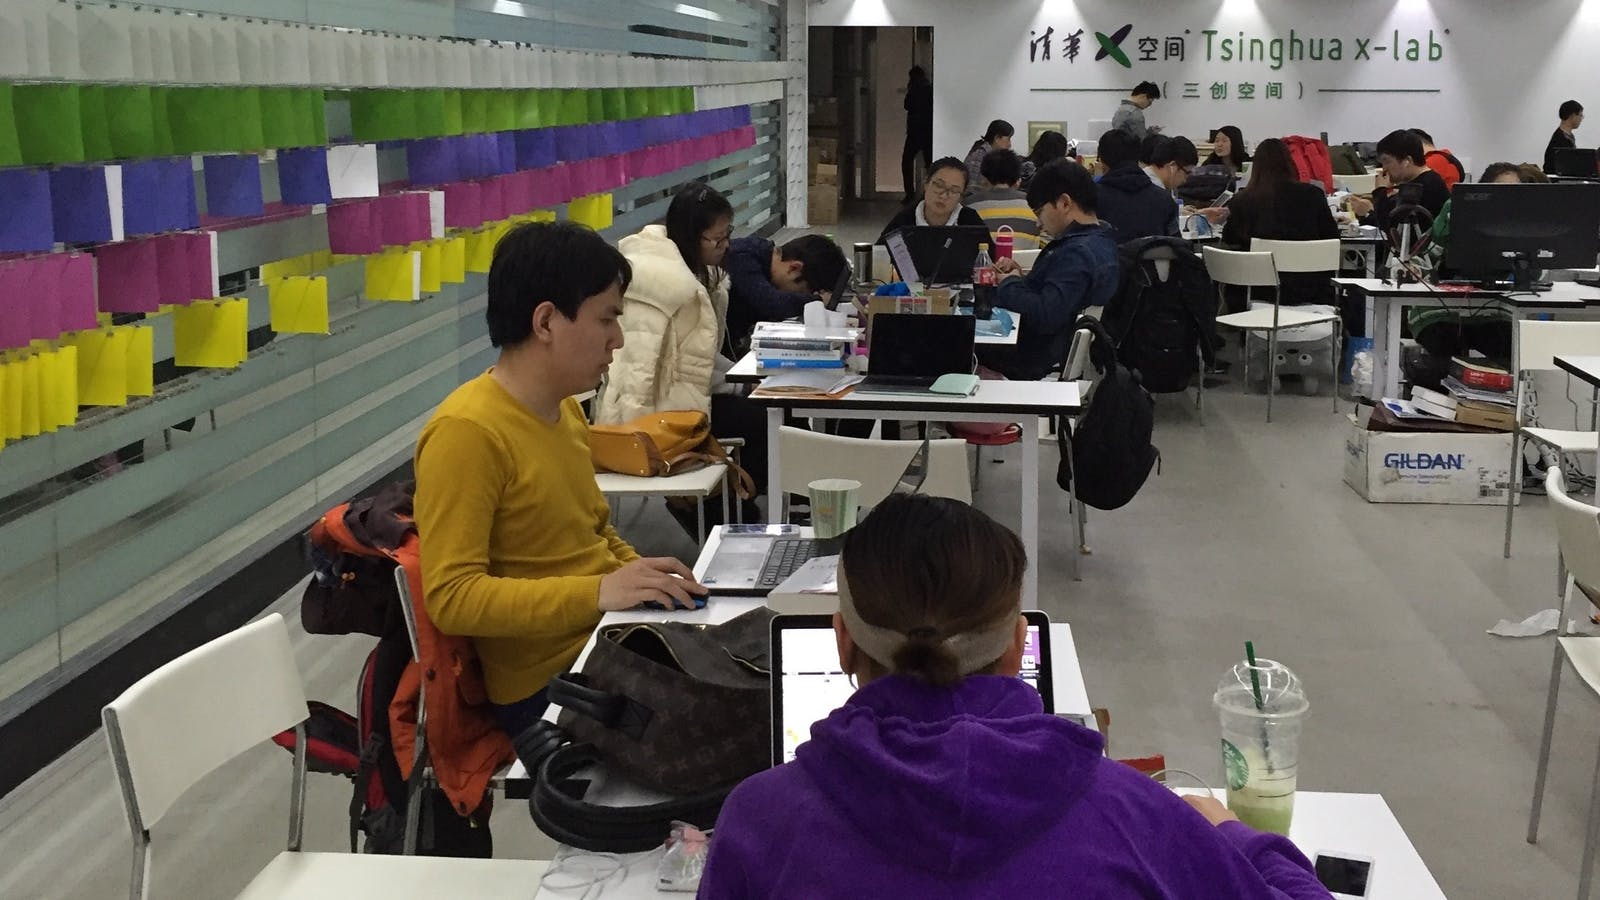 Tsinghua University's x-lab.